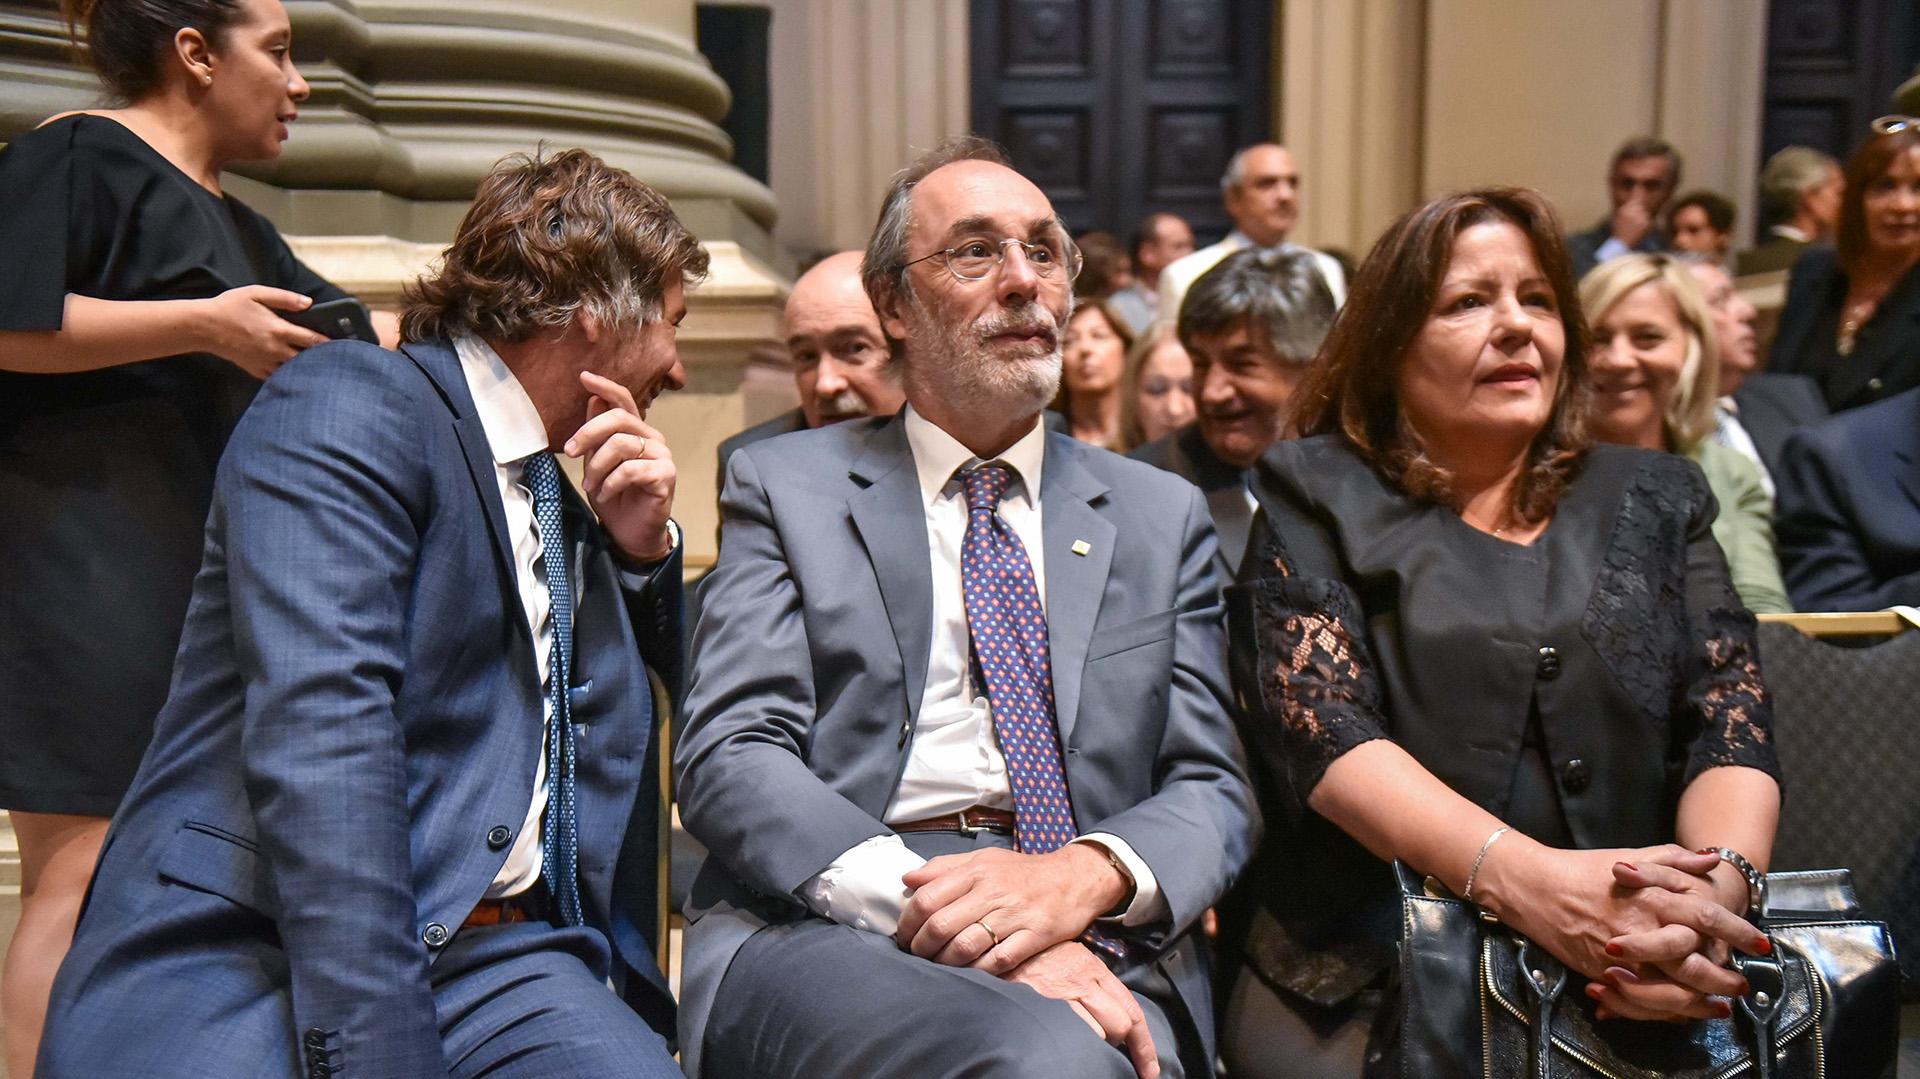 El funcionario Juan Mahiques, el diputado nacional Pablo Tonelli y la consejera de la Magistratura Adriana Donato